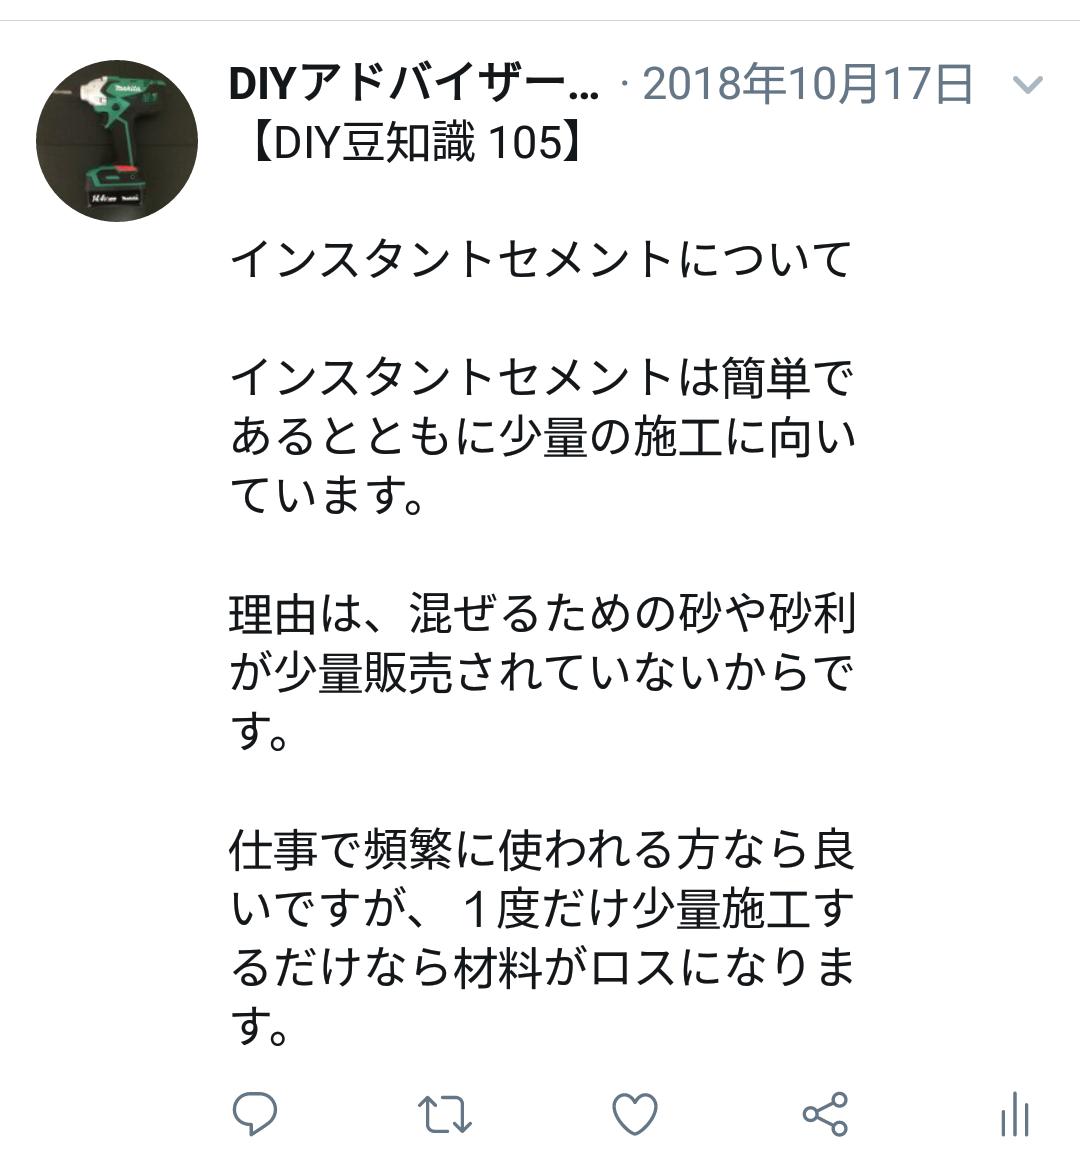 f:id:DIY33:20190406192703p:plain